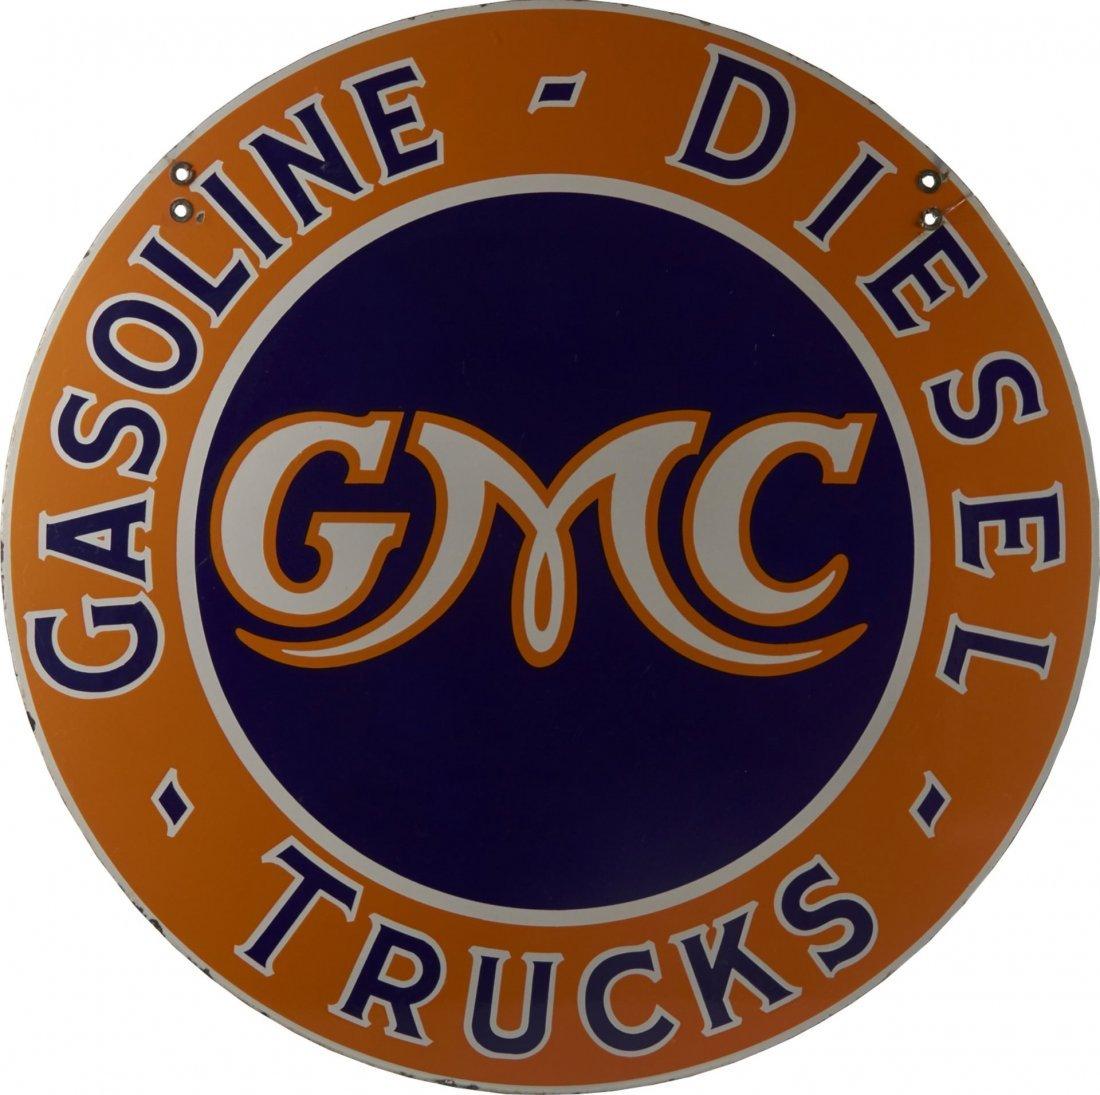 GMC Gasoline Diesel Trucks Round Porcelain Sign